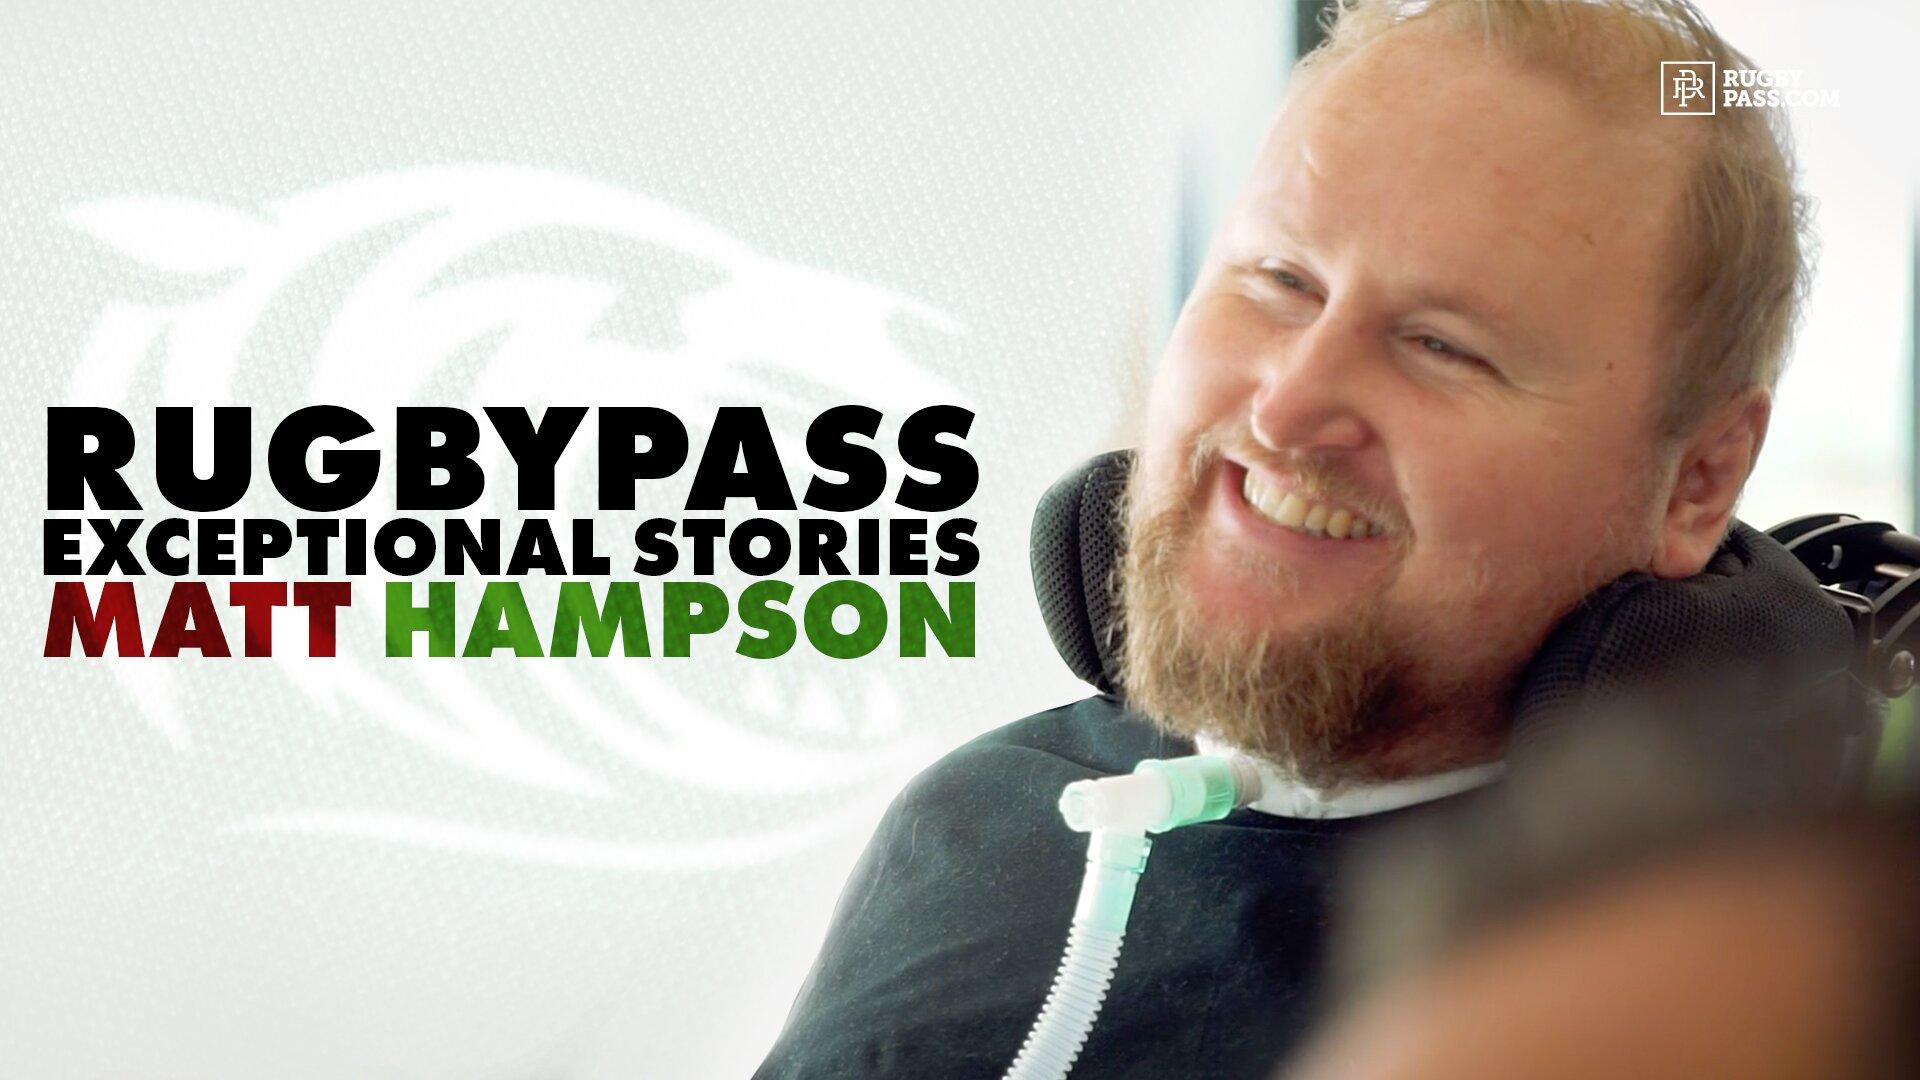 RugbyPass Exceptional Stories - Matt Hampson